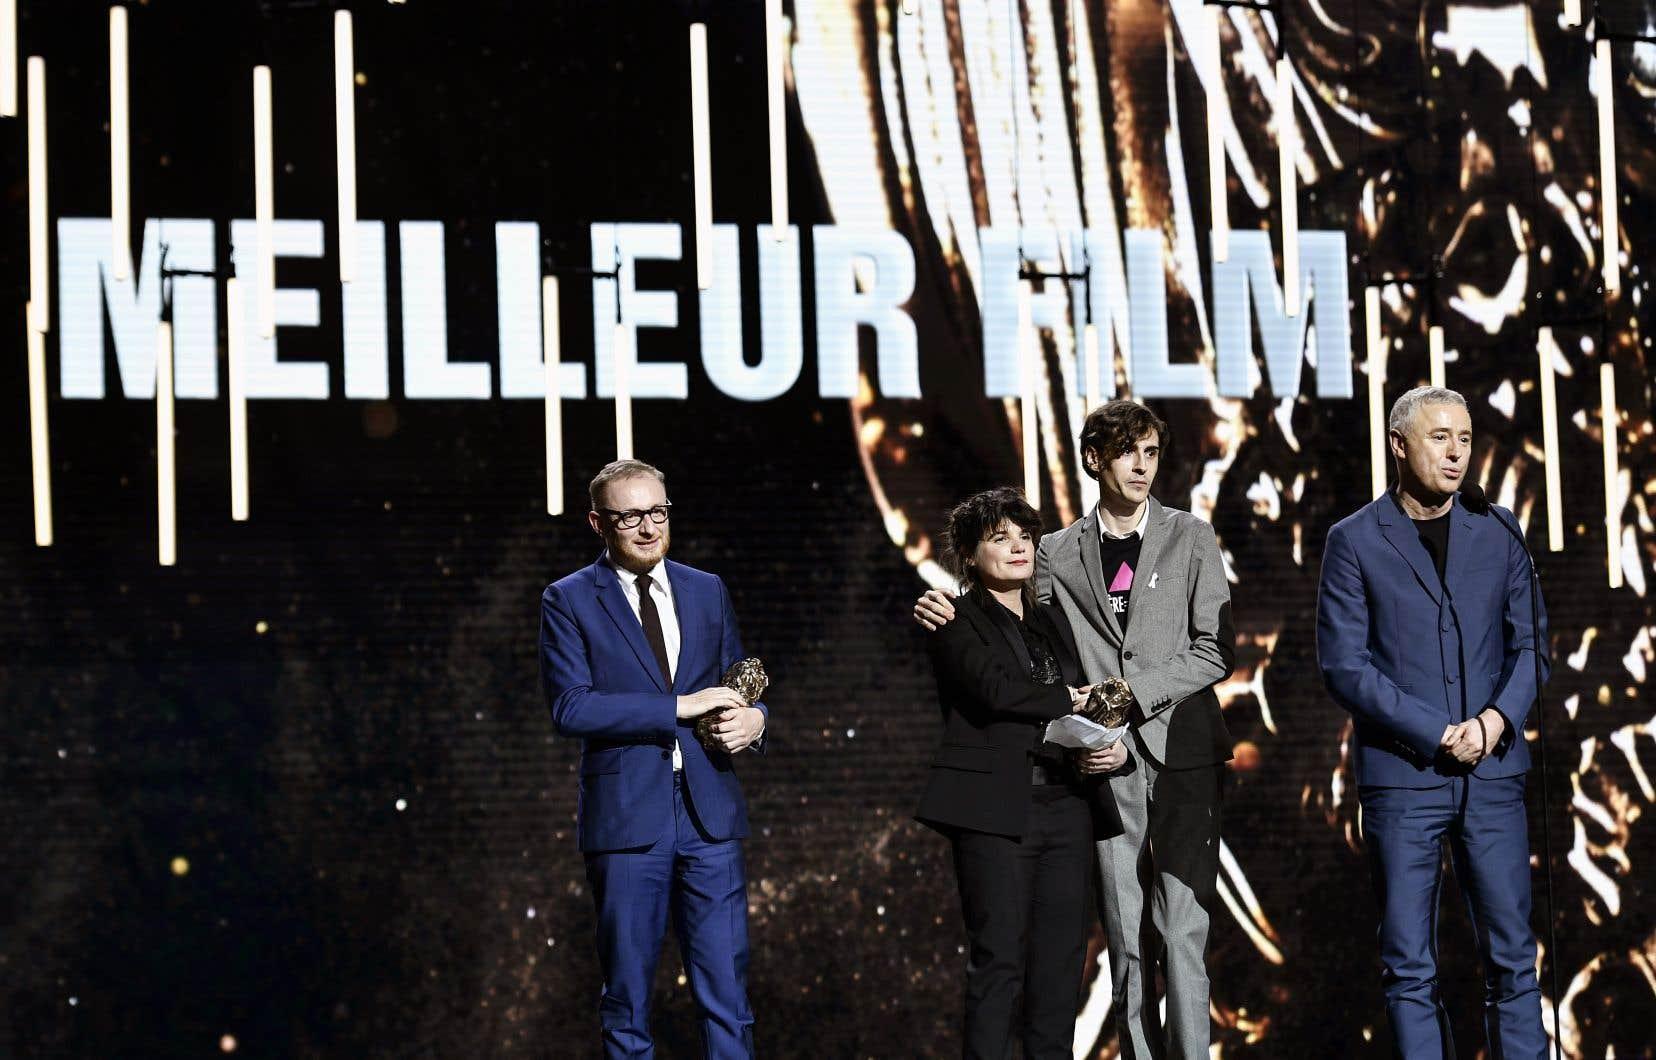 Le cinéaste Robin Campillo, au micro, est monté sur scène en compagnie des producteurs du film «120 battements par minute», Marie-Ange Luciani et Hugues Charbonneau (à gauche qui tient le César), ainsi que du président d'Act Up Paris, Rémy Hamai.